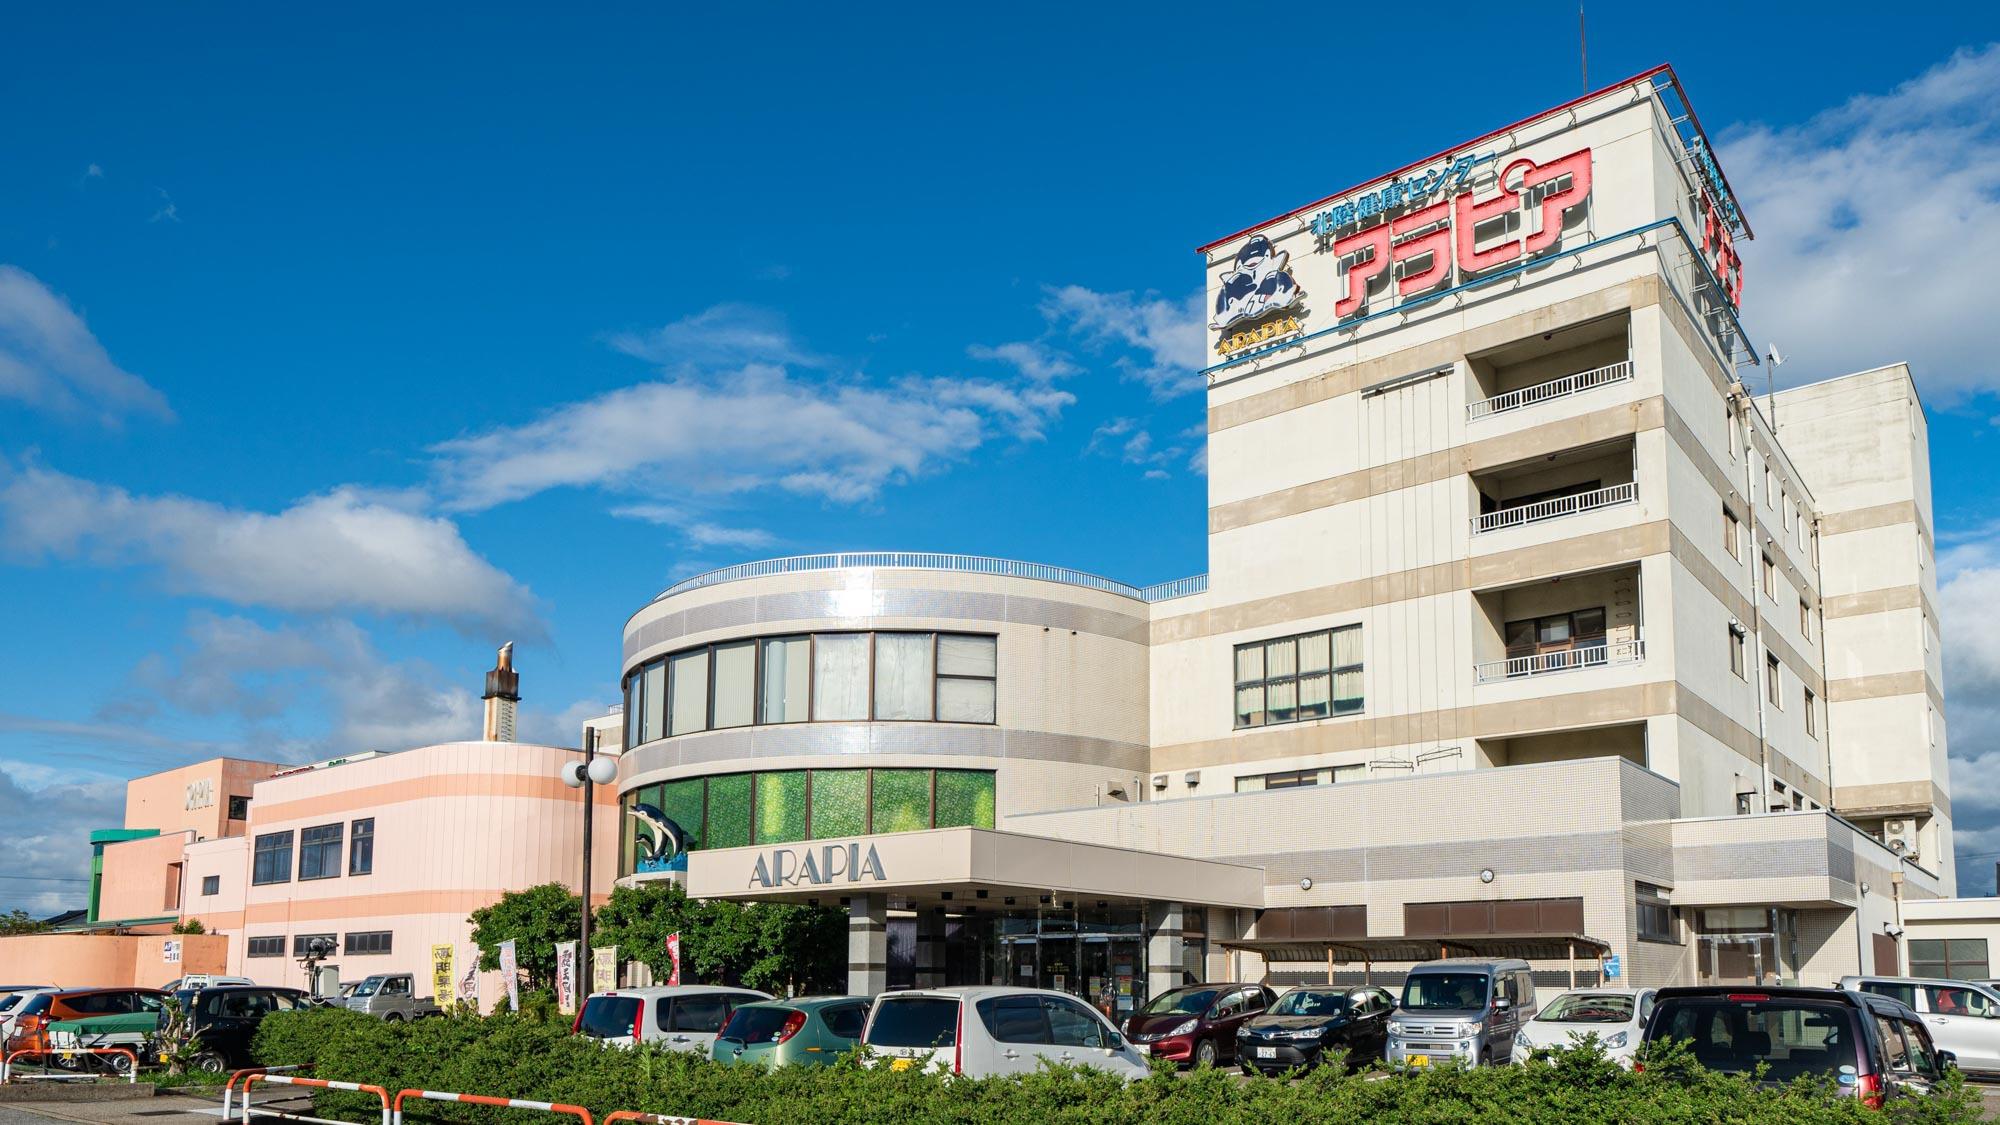 16種類の大浴場とホテル 北陸健康センターアラピアの施設画像